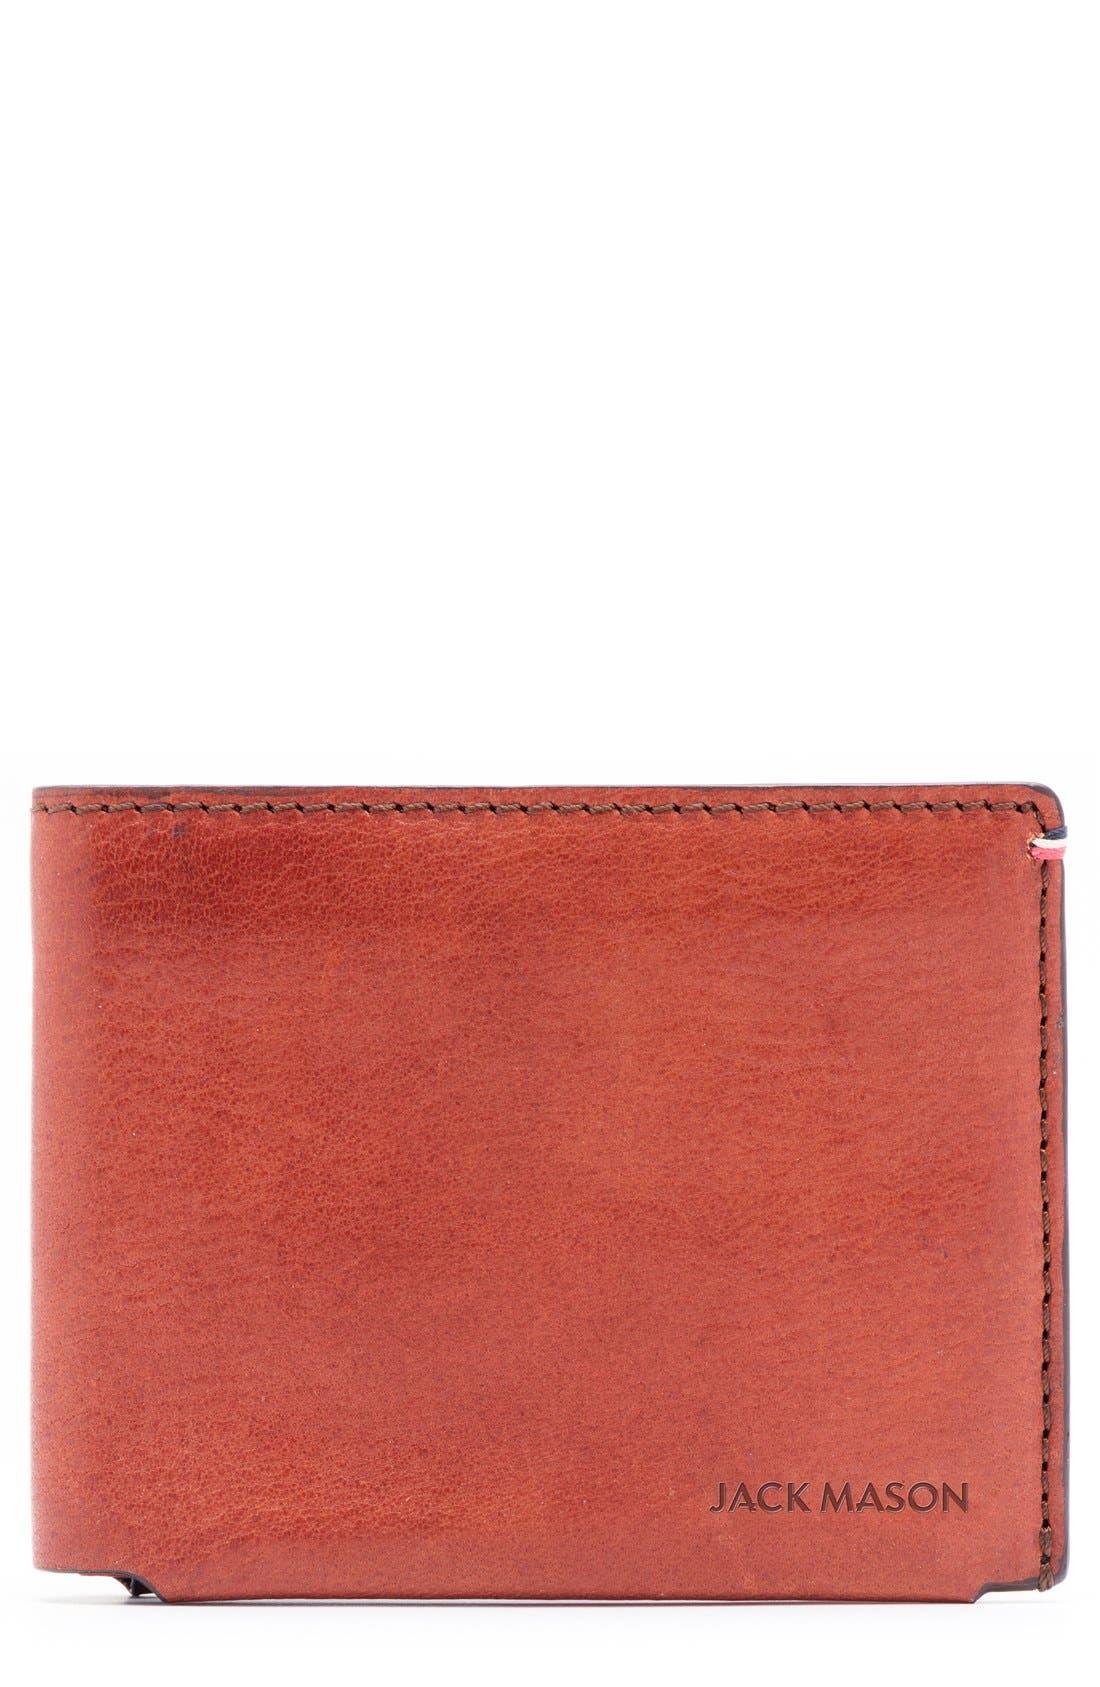 Pebbled Leather Wallet,                         Main,                         color, Burnt Orange